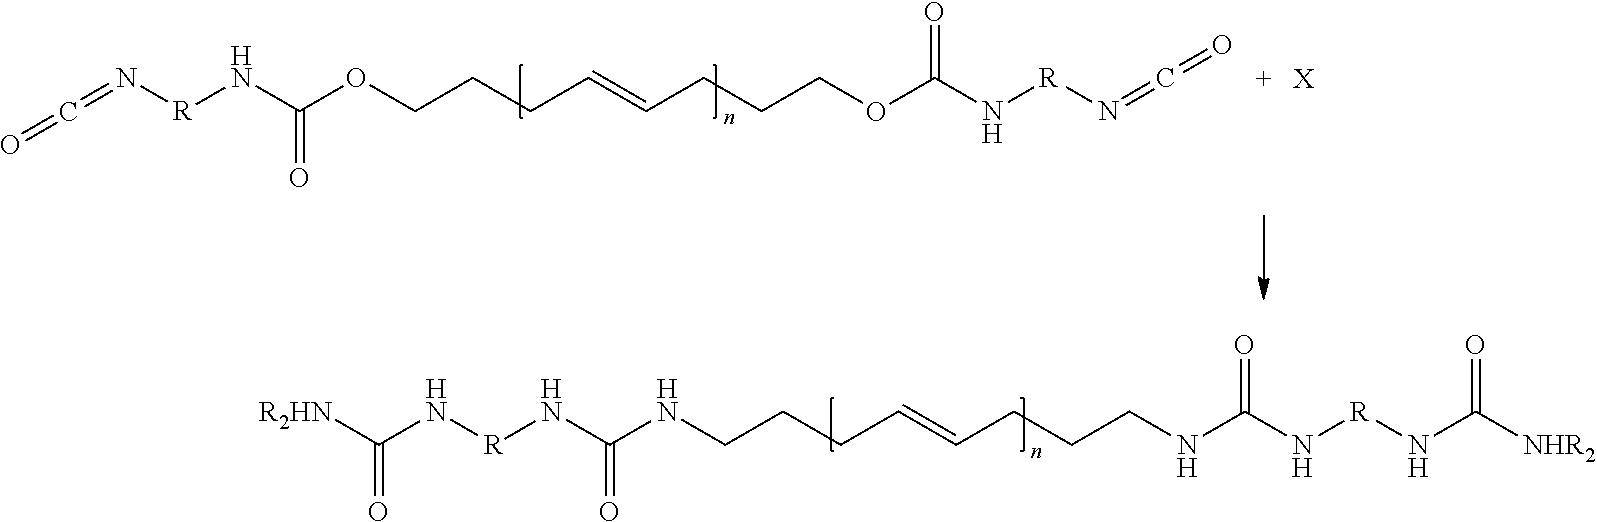 Figure US09206280-20151208-C00016